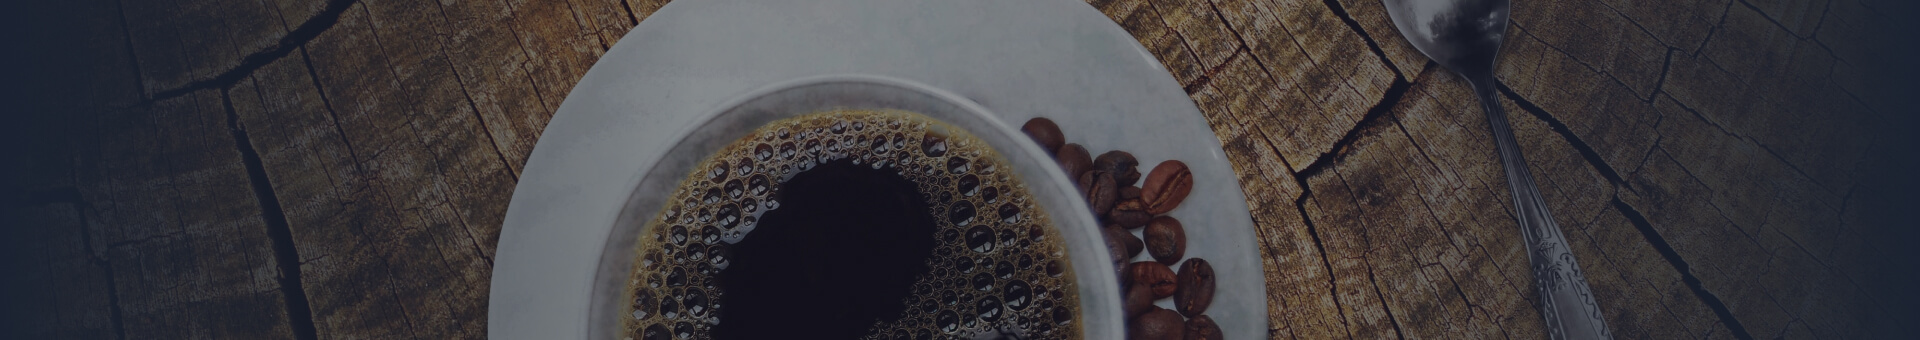 Drink Bullet Coffee